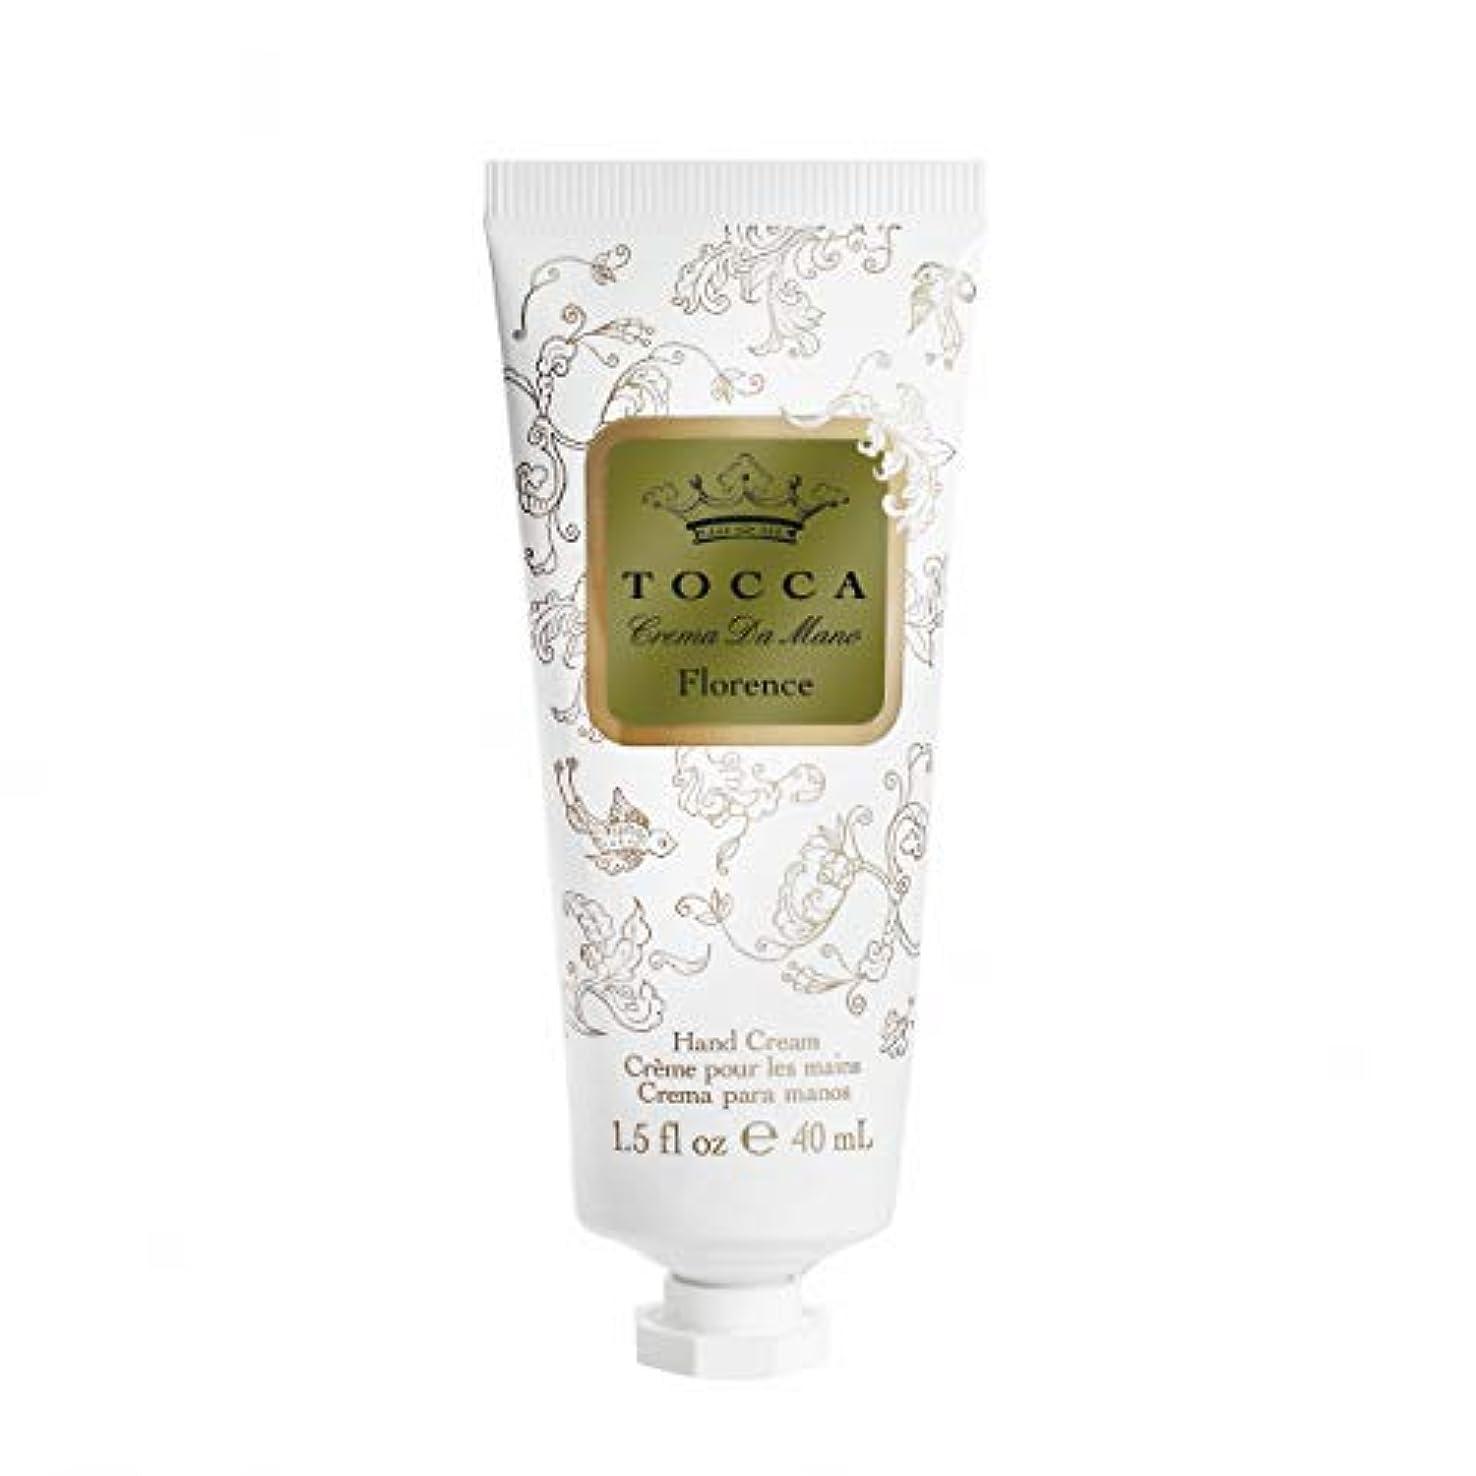 レンチ評判若いトッカ(TOCCA) ハンドクリーム フローレンスの香り 40mL (ガーデニアとベルガモットが誘うように溶け合うどこまでも上品なフローラルの香り)